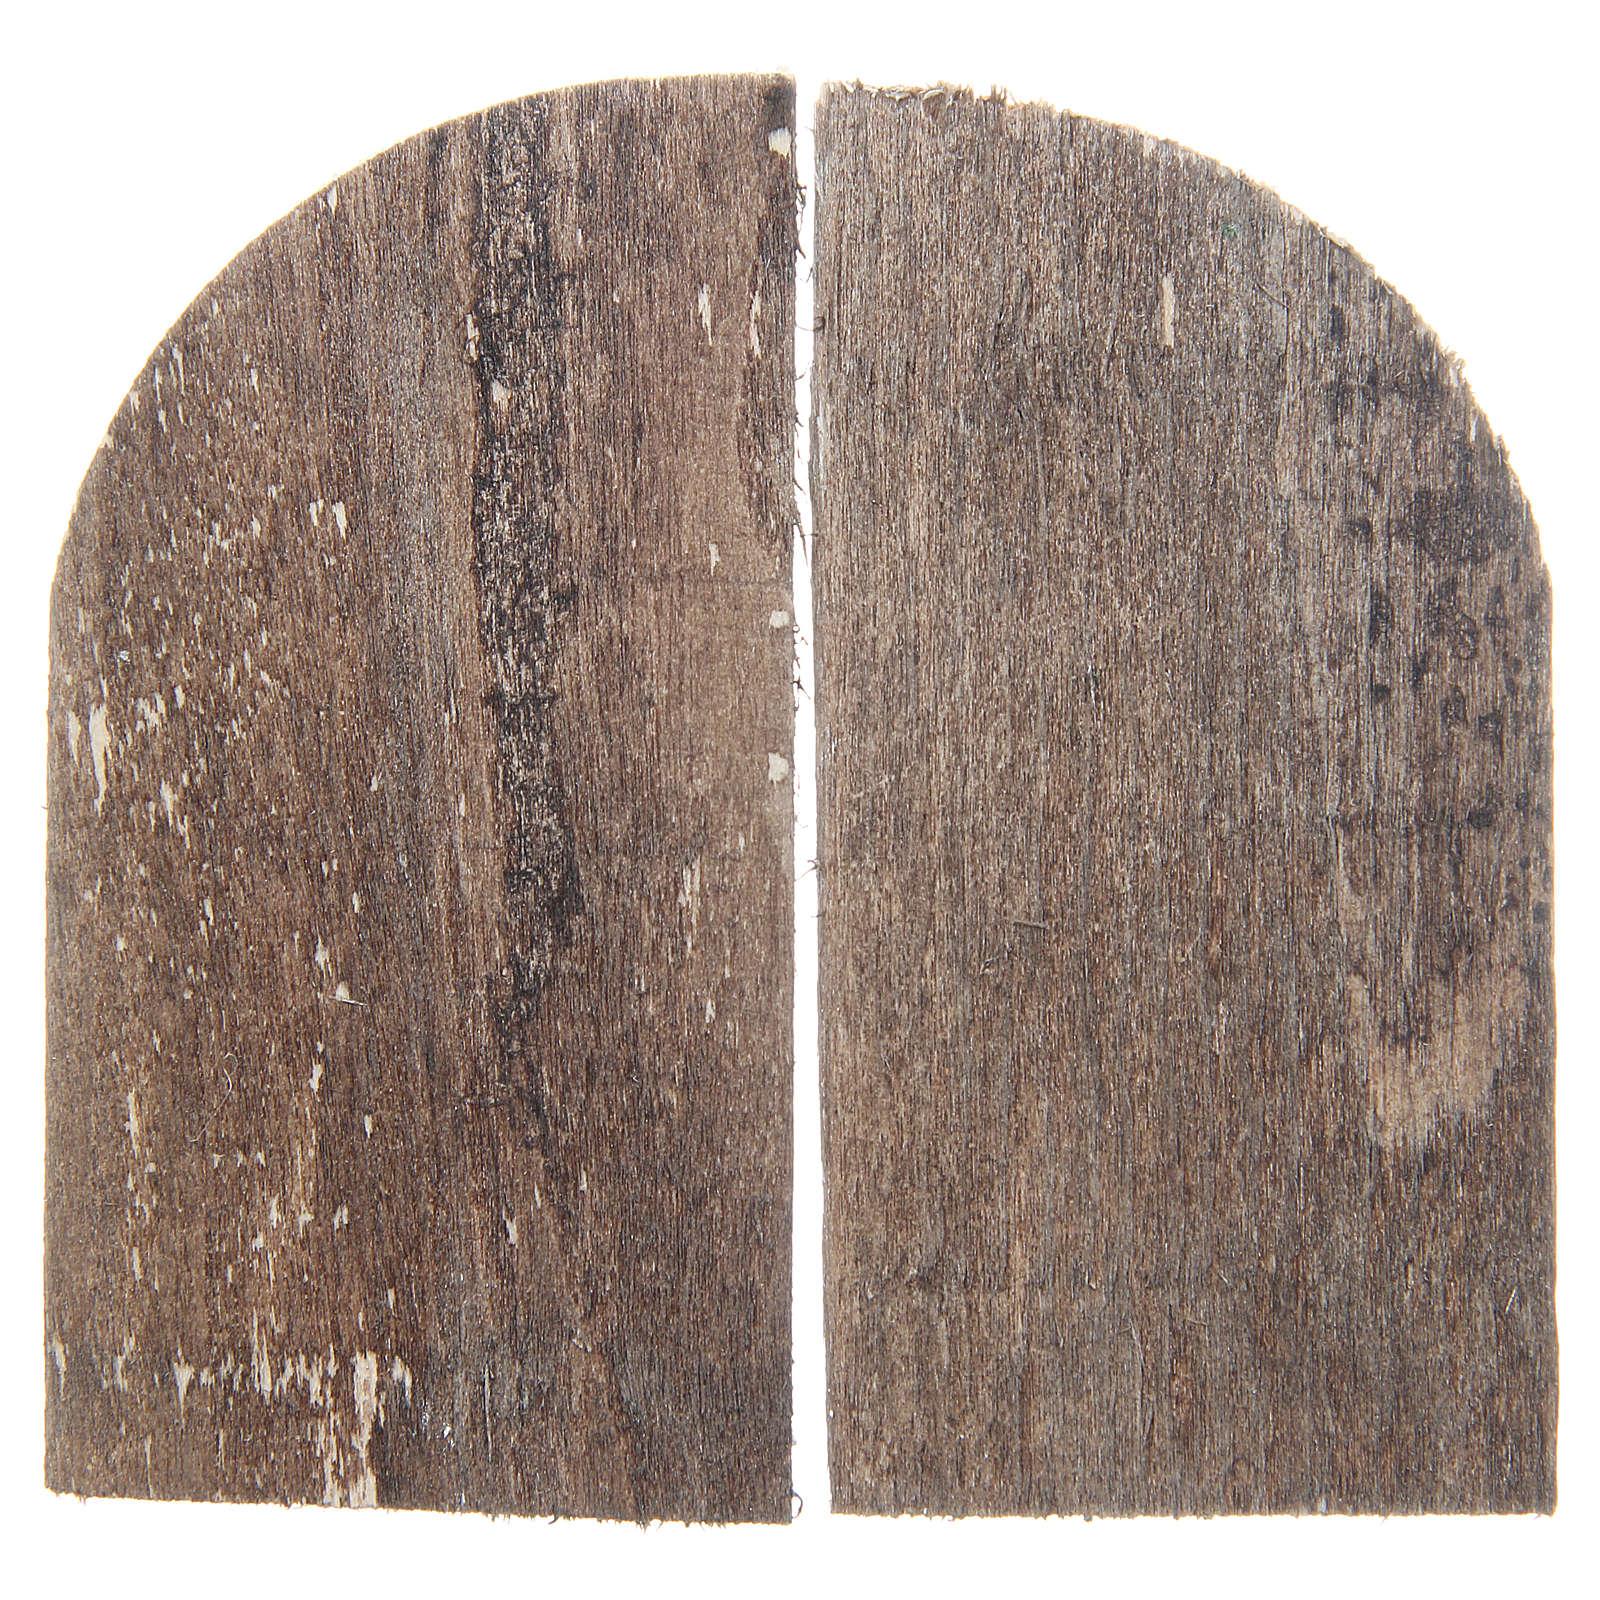 Porta in legno cm 8,5x4,5 ad arco set 2 pz 4